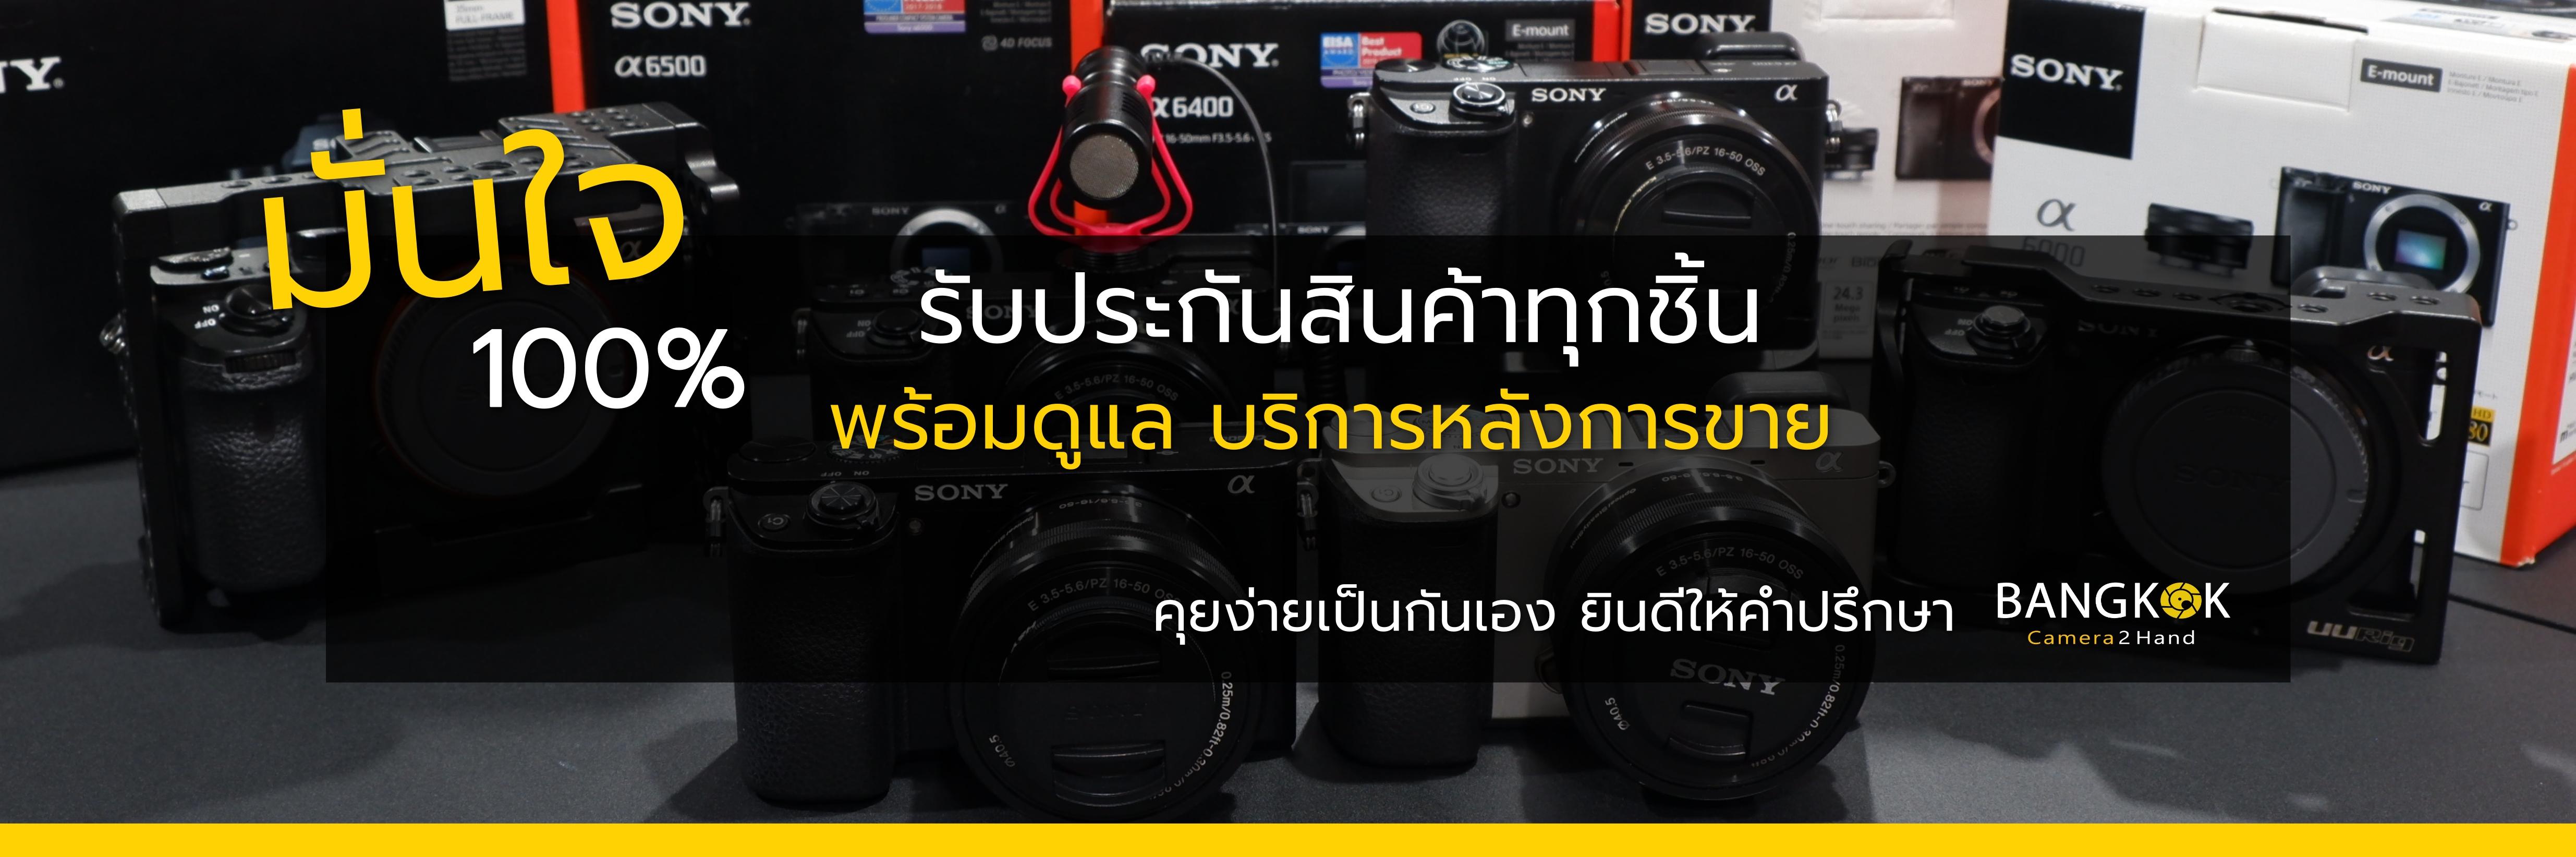 กล้องมือสอง เลนส์มือสอง ร้านขายกล้องดิจิทัล กล้องมือสองราคาถูก bangkokcamera2hand  ตลาดซื้อขายกล้อง ร้านขายกล้องมือสอง กล้องมือสอง กล้องราคาถูก ร้านขายกล้องในกรุงเทพ